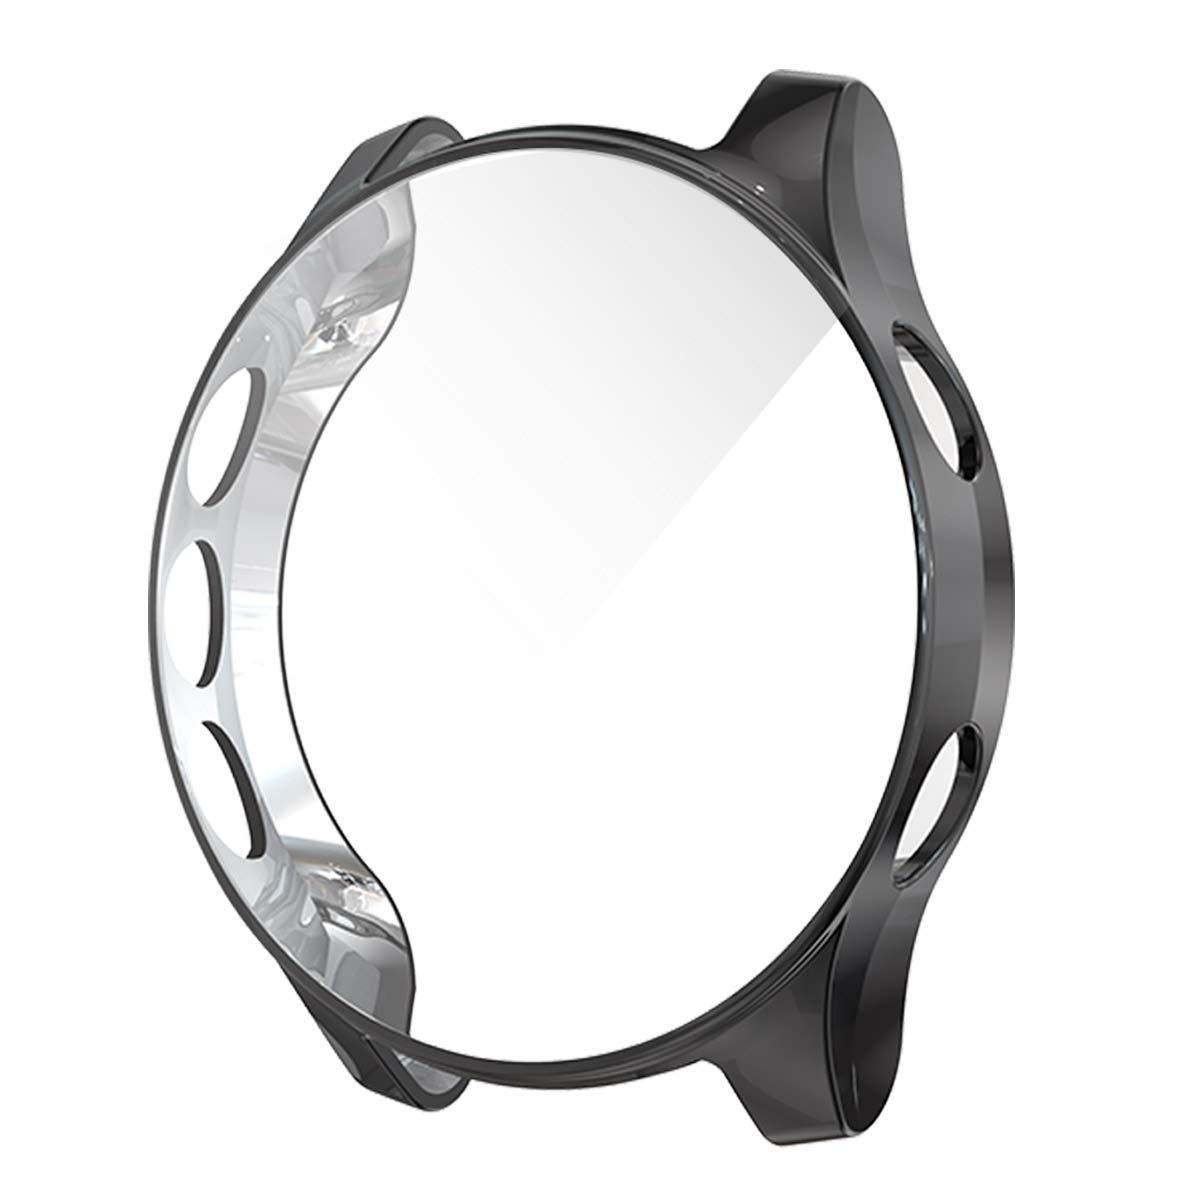 Protector Para Reloj Garmin Forerunner 935/945